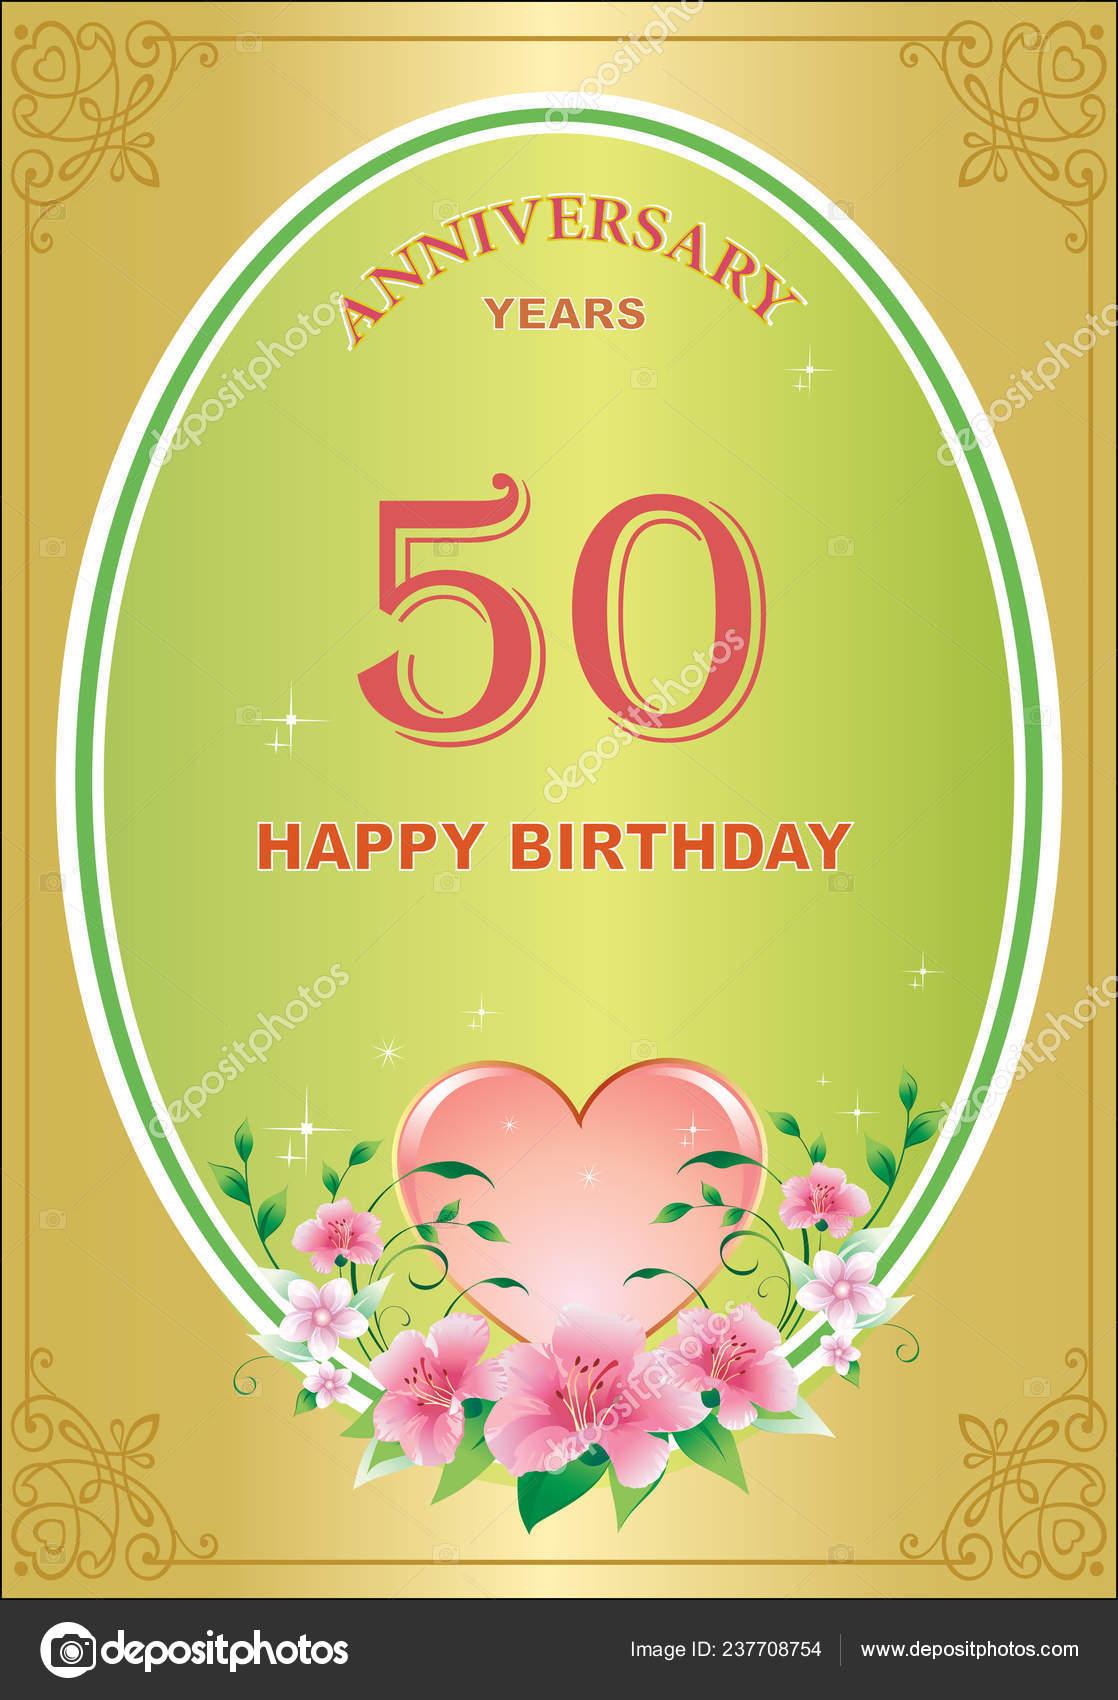 Jubilaum Jahre Geburtstag Hintergrund Grusskarte Feier Urlaub Vektor